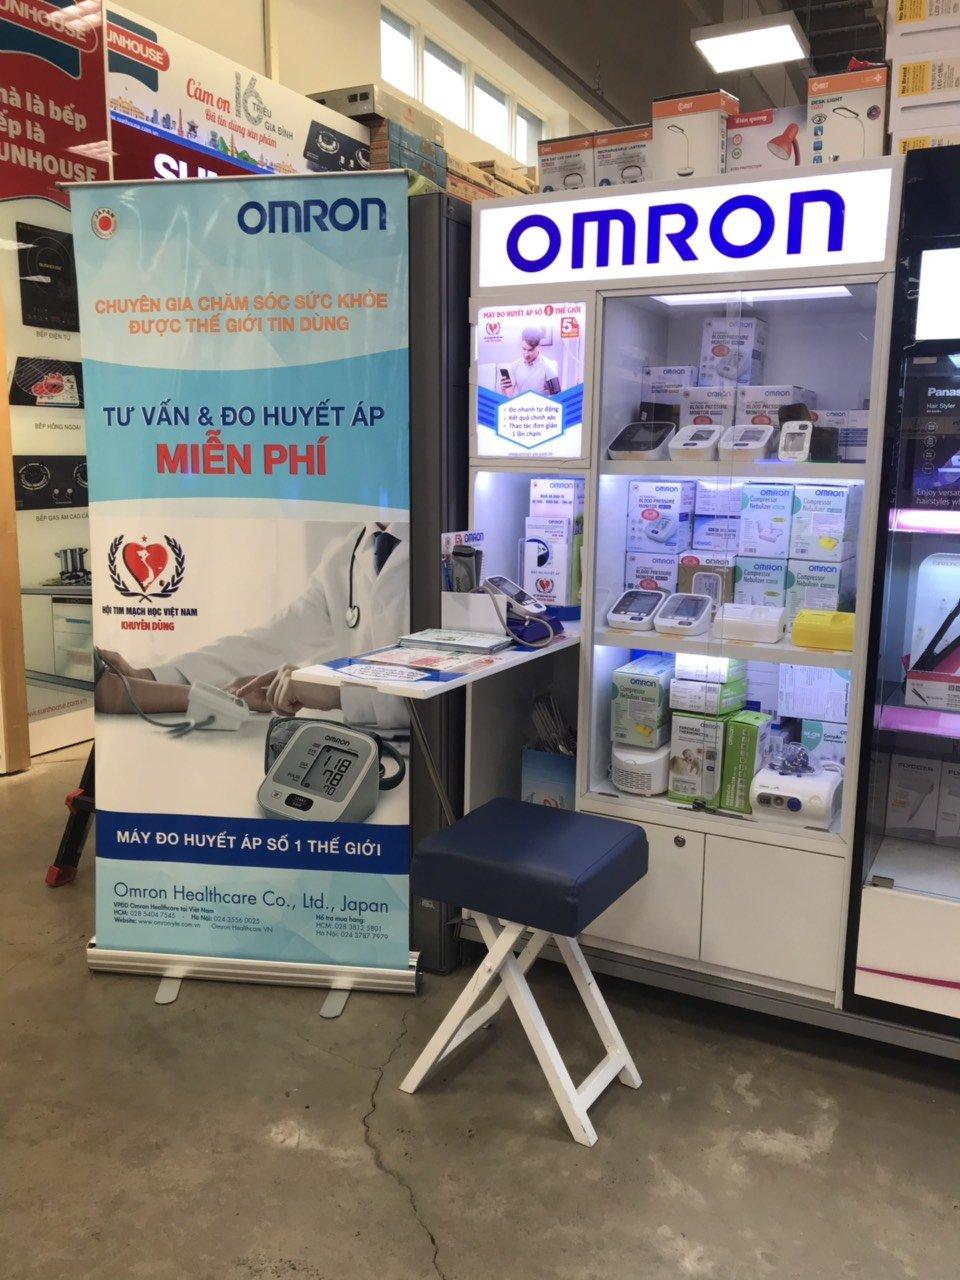 Một điểm bán hàng của Omron tại TP HCM.